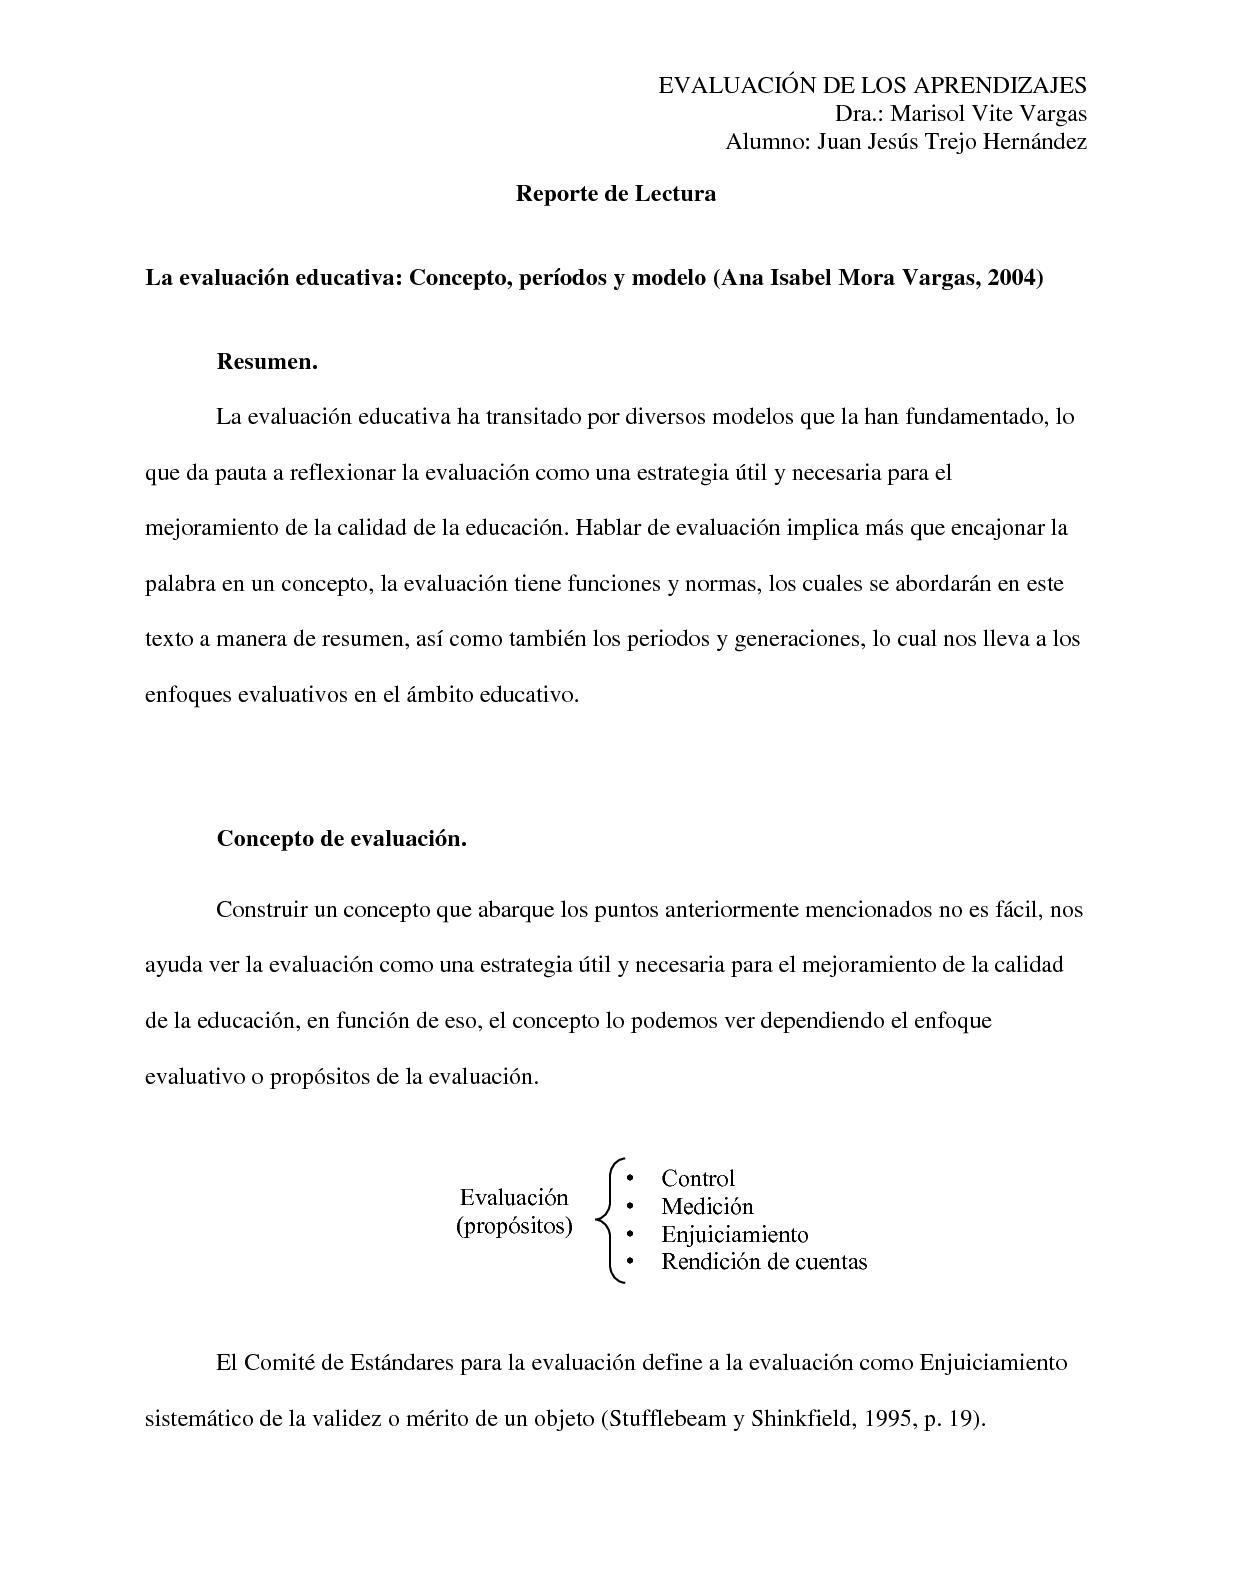 La Evaluación Educativa Concepto, Períodos Y Modelo (Ana Isabel Mora Vargas, 2004)